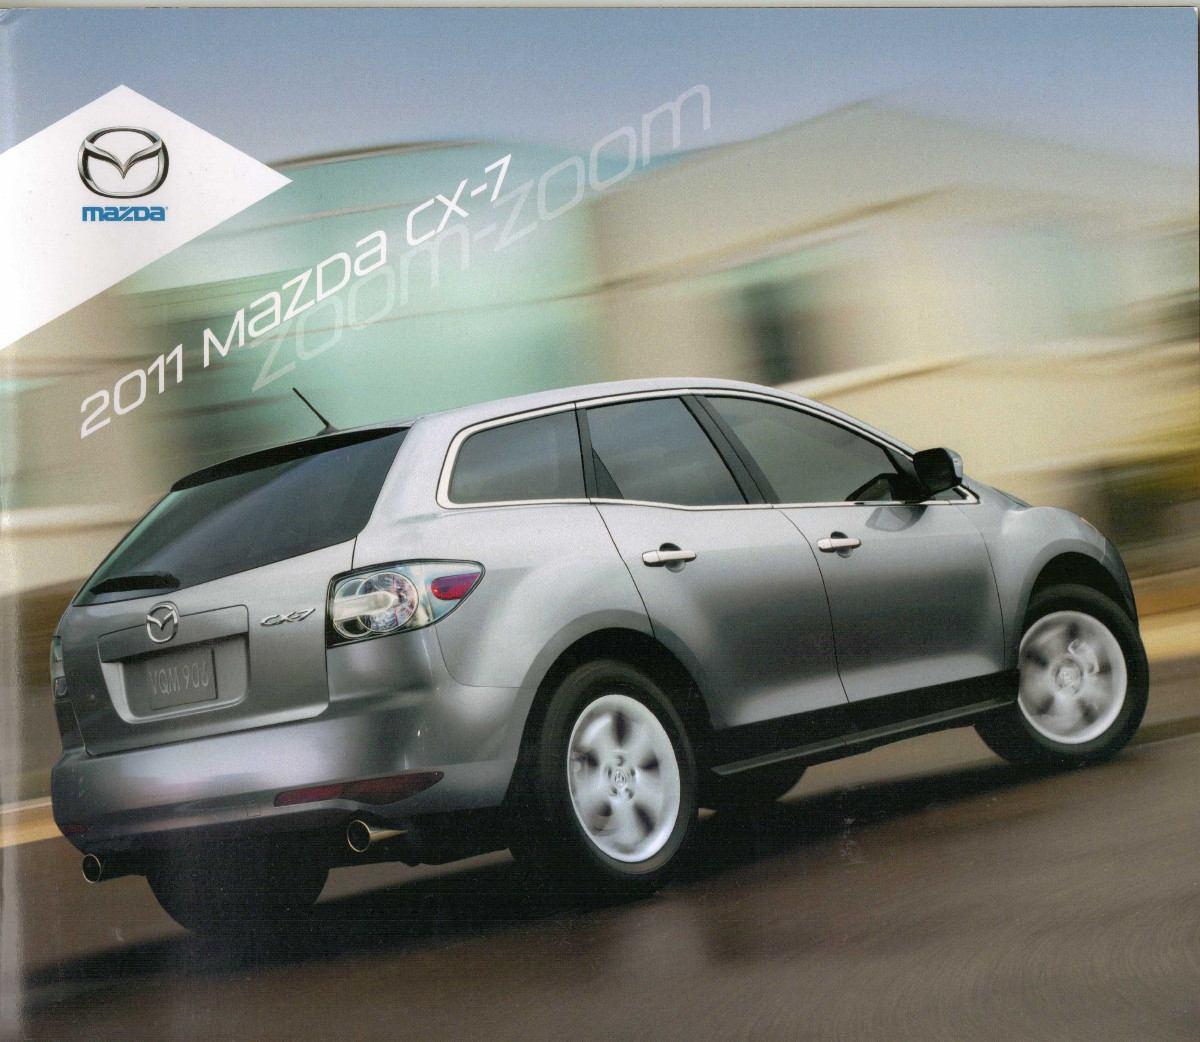 catálogo mazda cx 7 modelos 2011 em inglês r 79 95 em